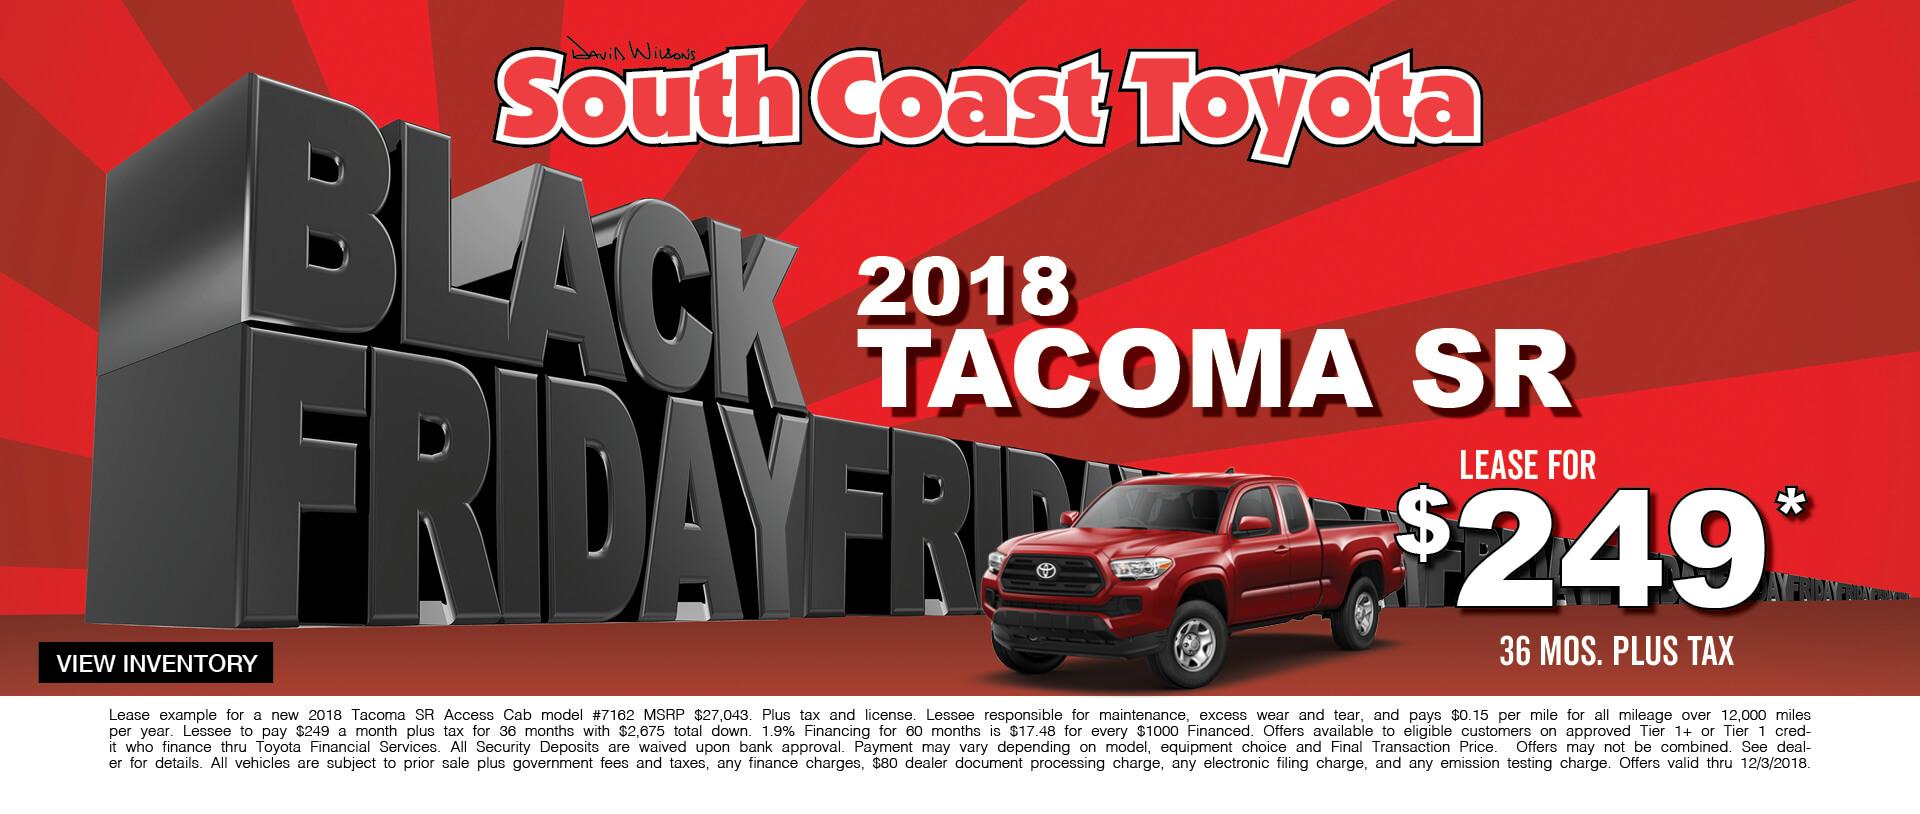 Toyota Tacoma $249 Lease